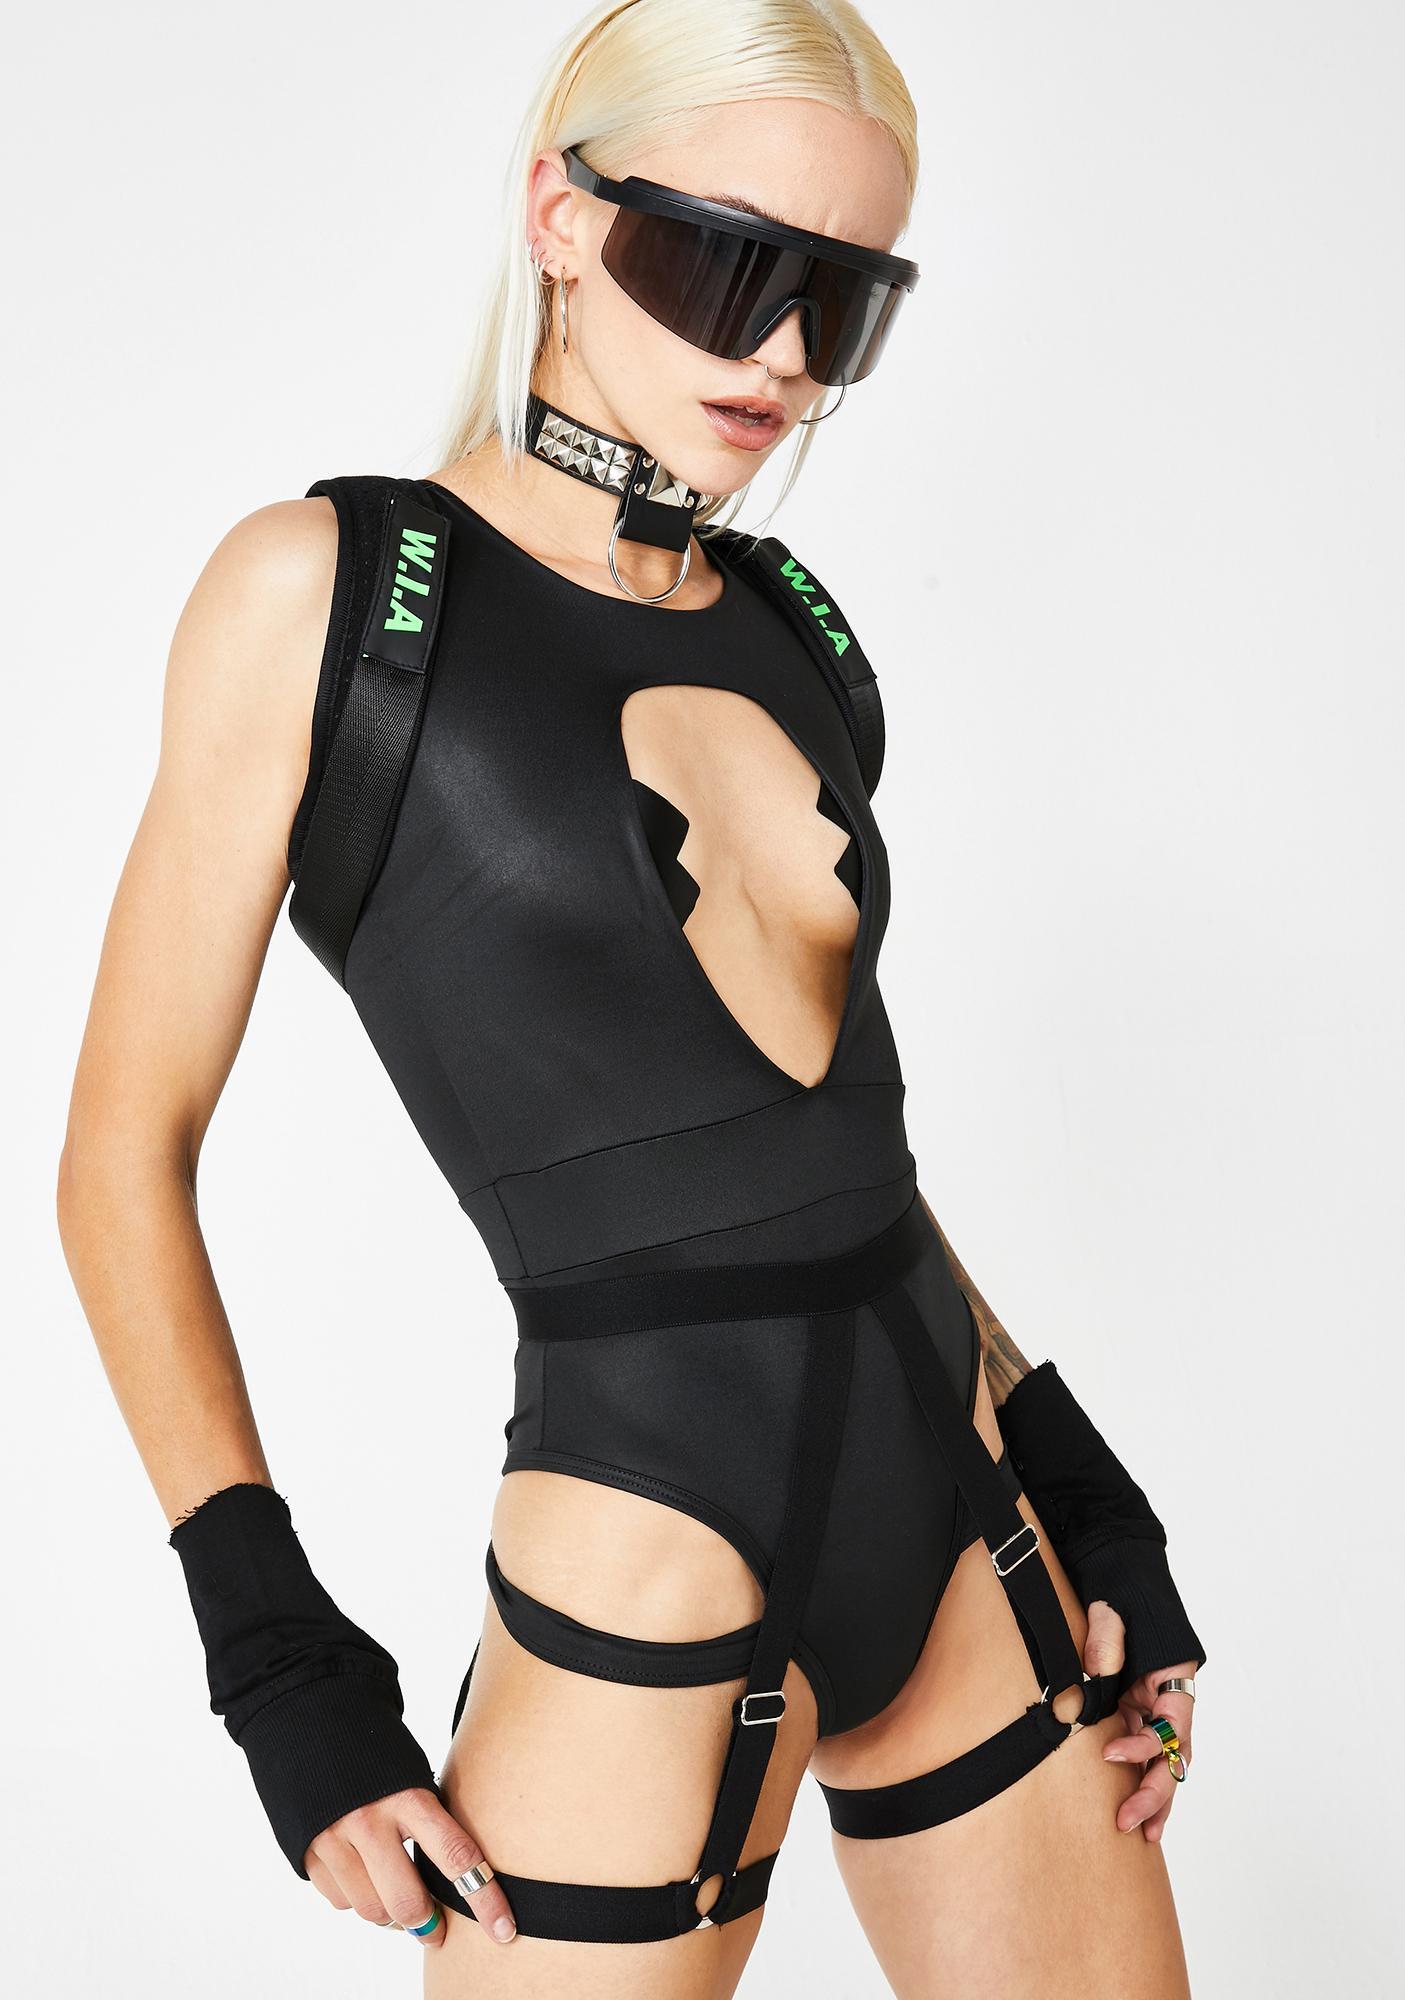 Raid Warrior Bodysuit N' Harness Set